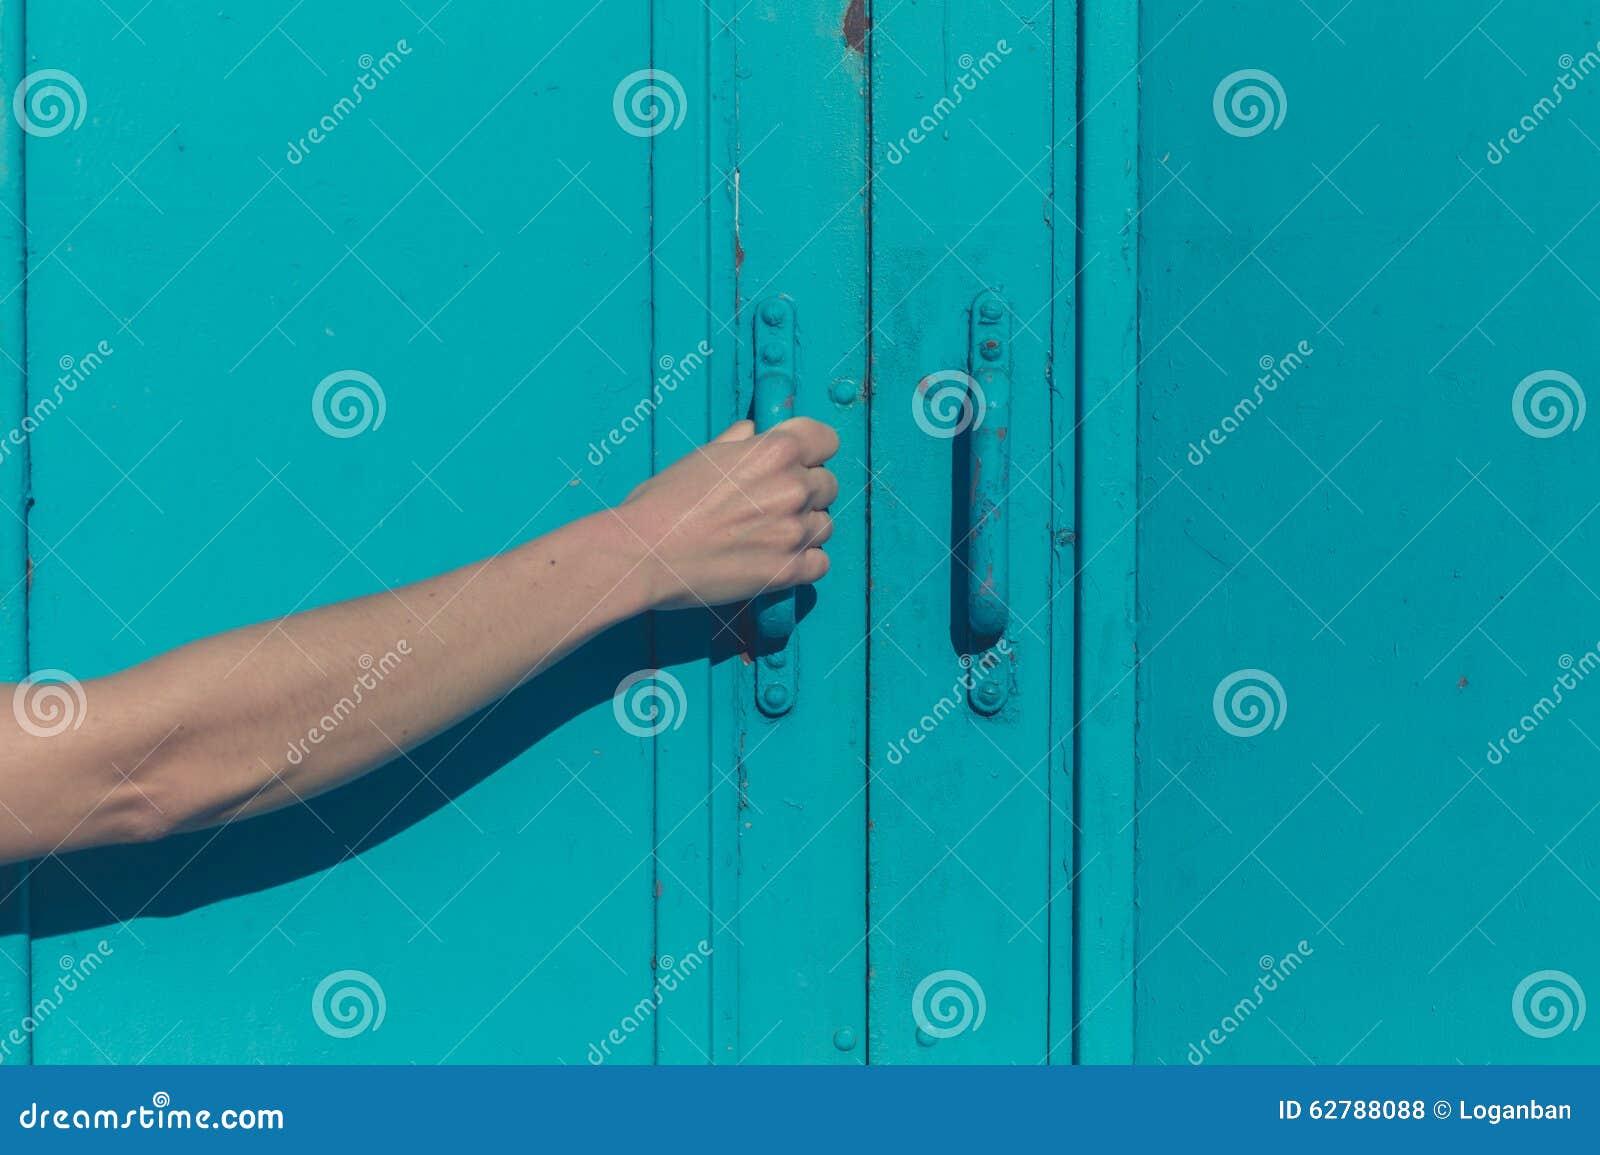 Young female hand grabbing blue door